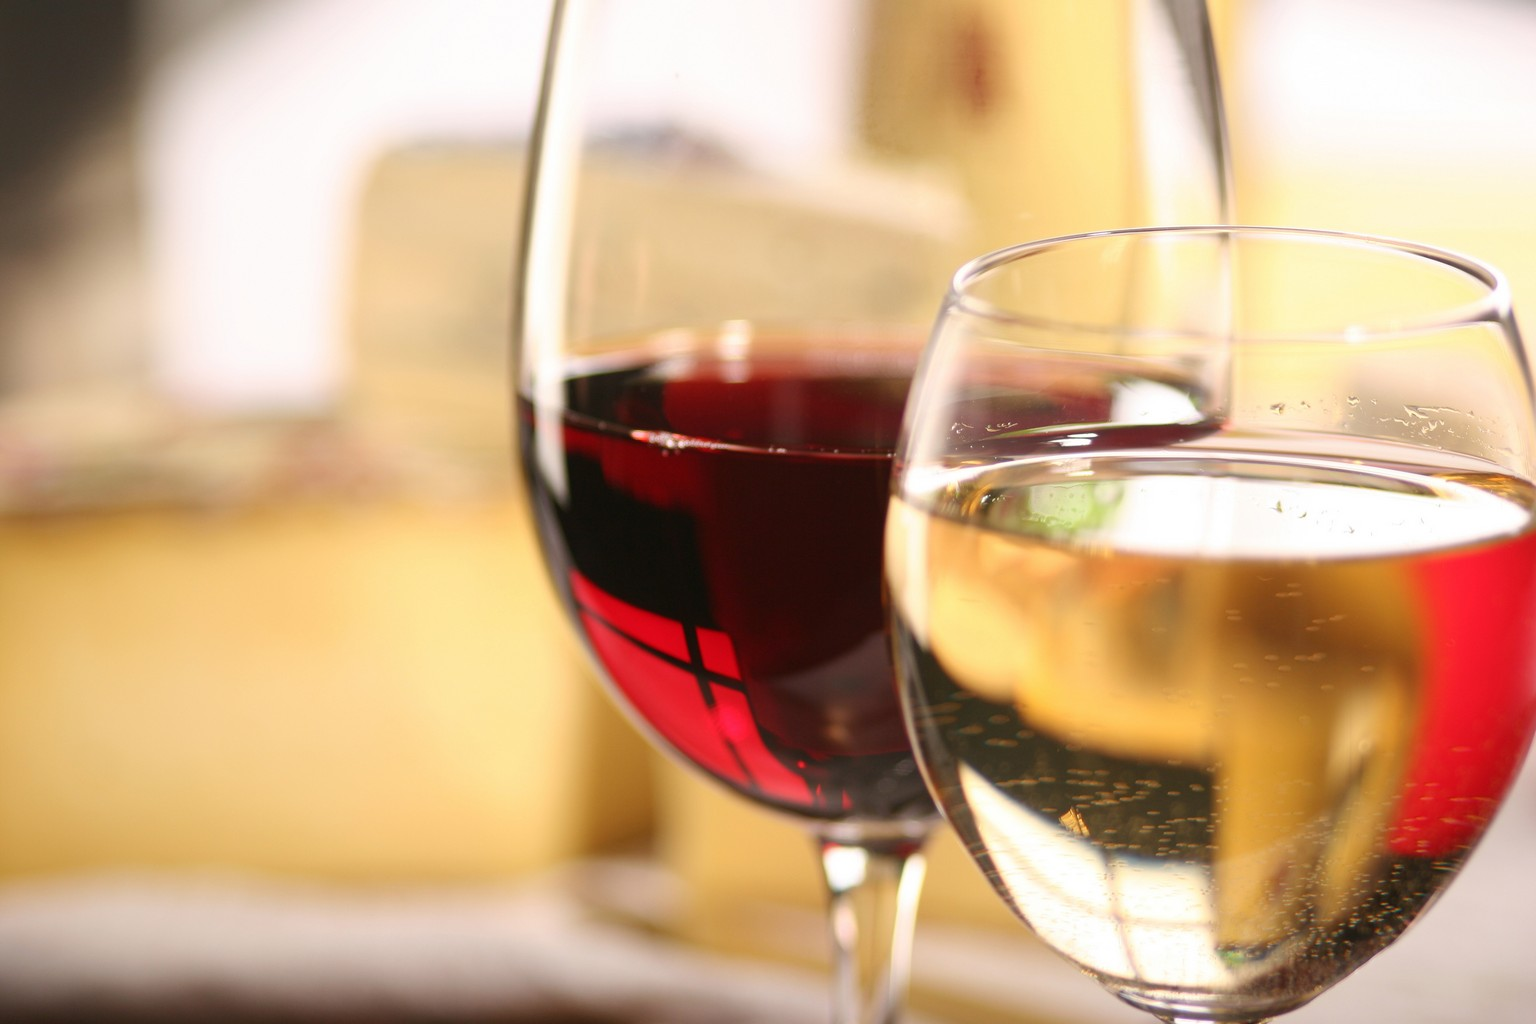 http://2.bp.blogspot.com/-oedexp7u8-o/T13z4IvHENI/AAAAAAAAAao/TEF3eMmkD74/s1600/vin-artere.jpg